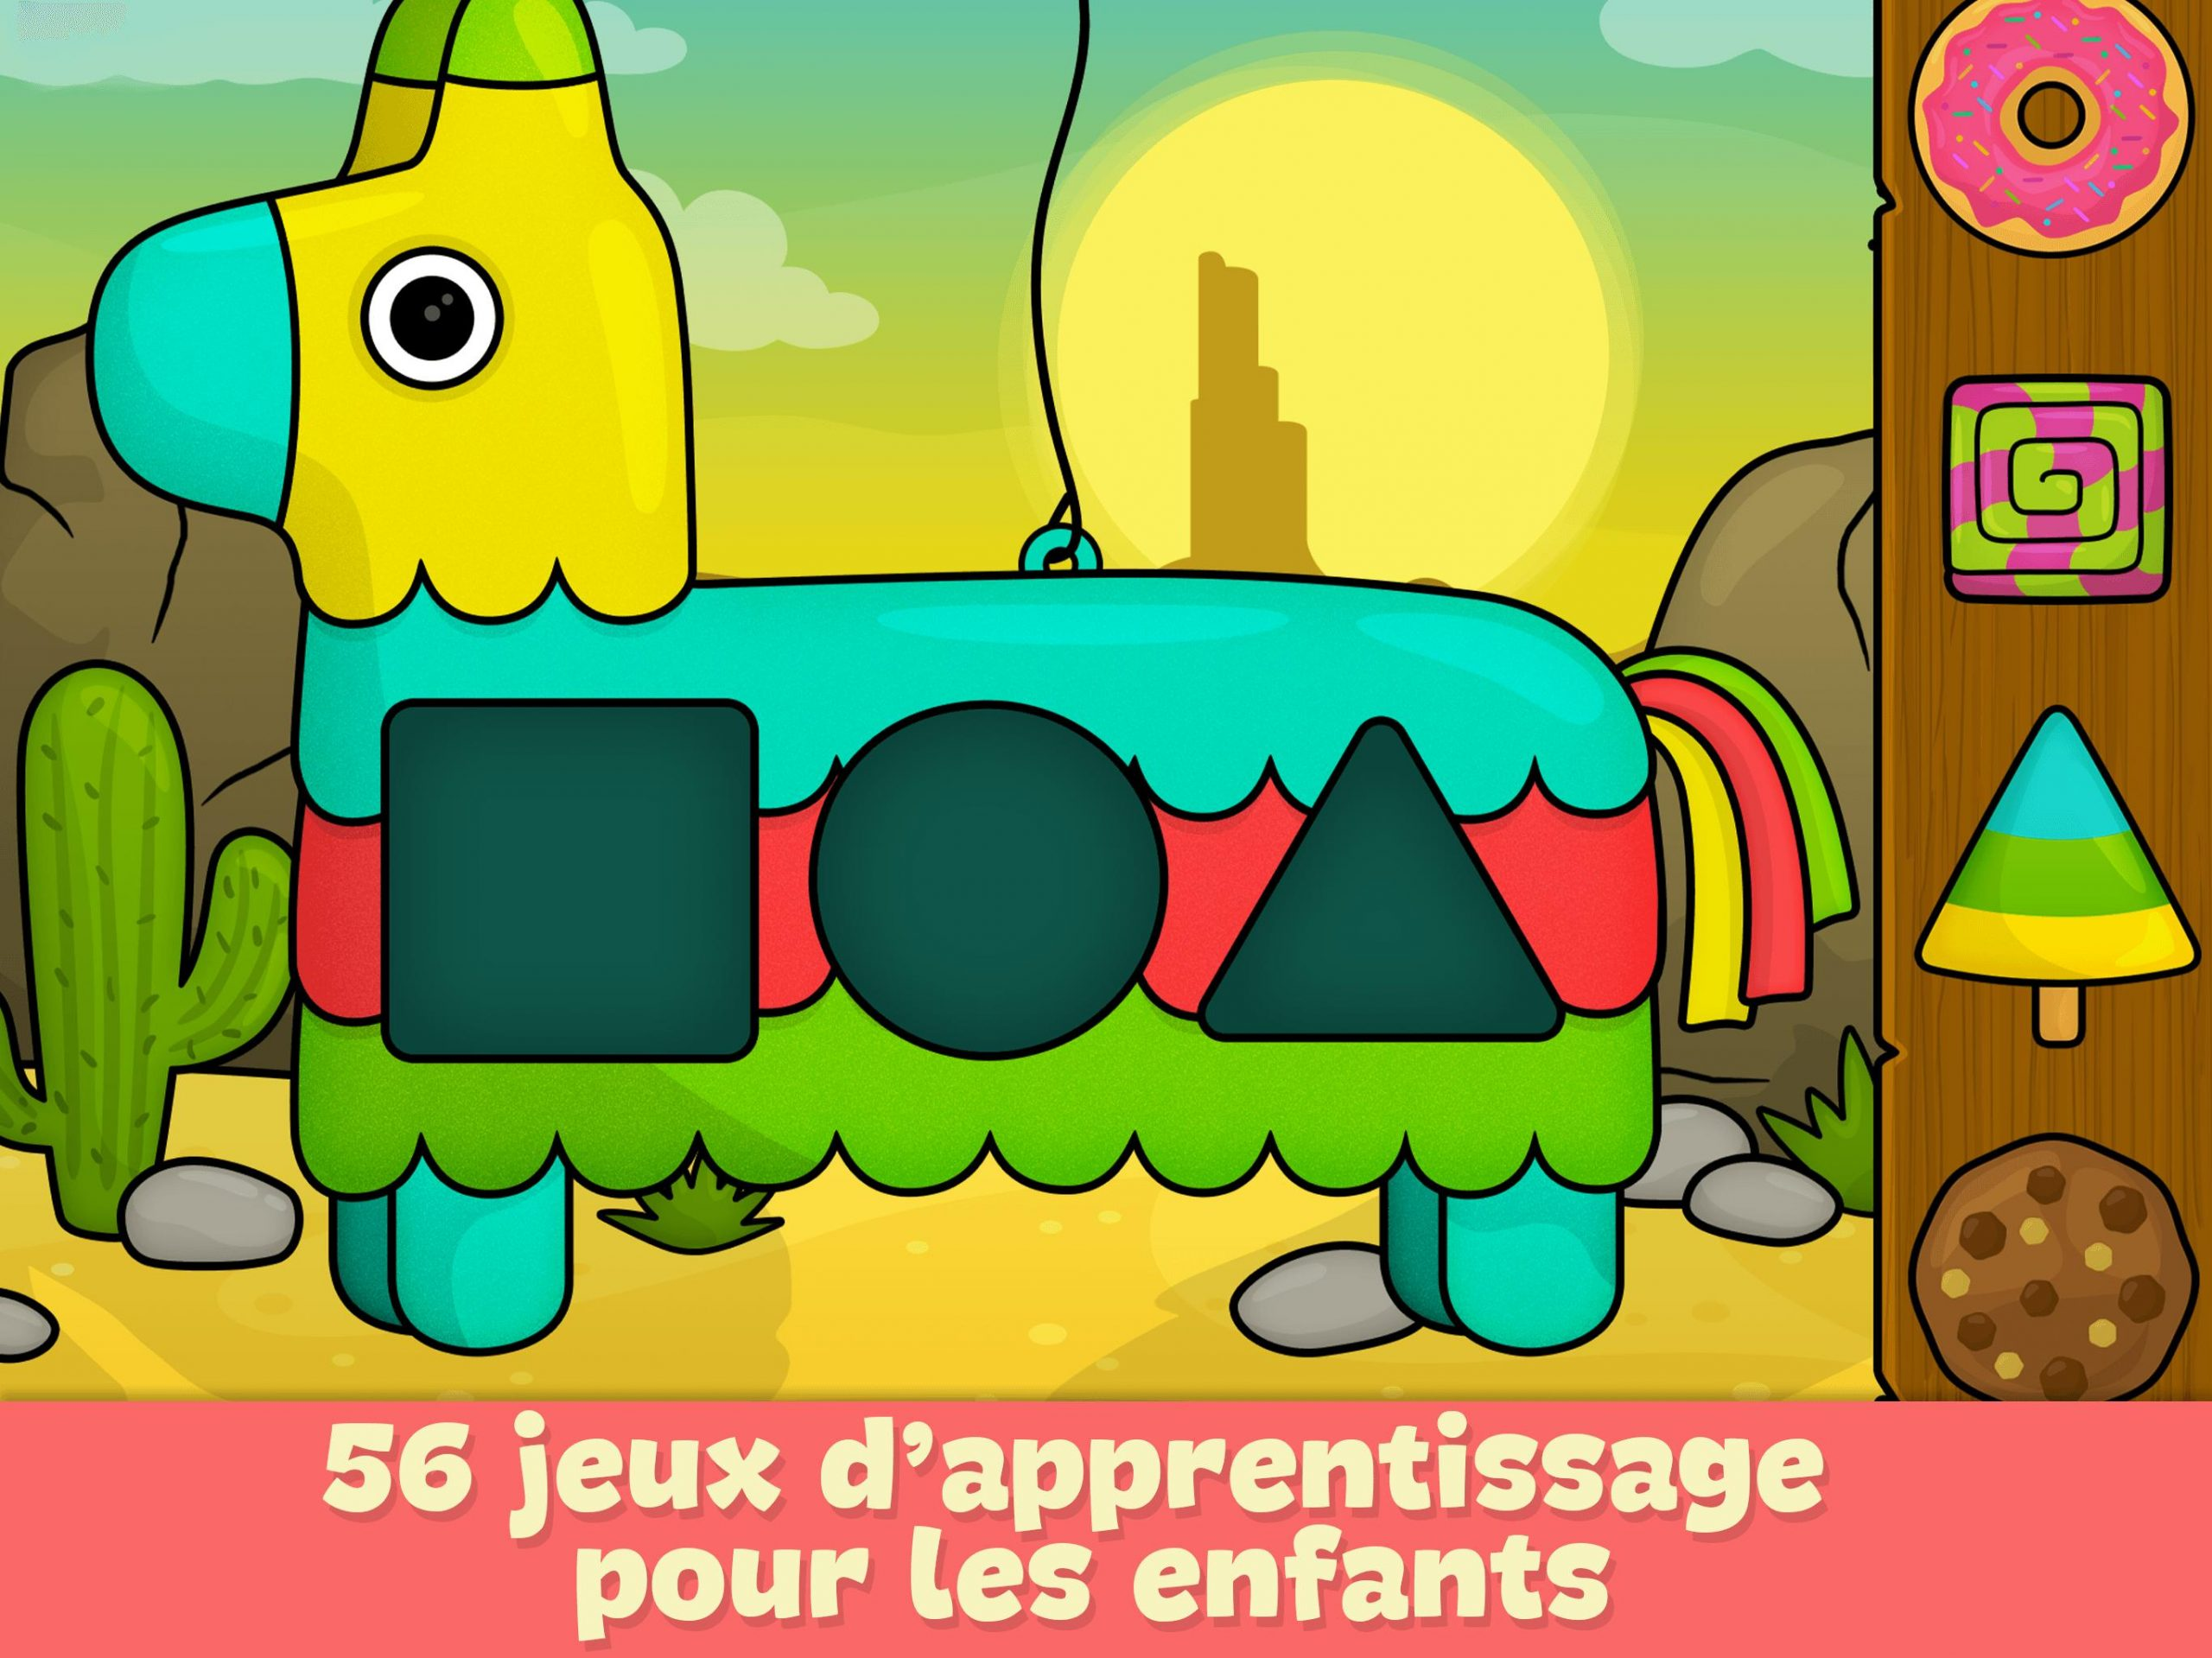 Jeux Pour Enfants 2 - 5 Ans Pour Android - Téléchargez L'apk pour Jeu Garcon 4 Ans Gratuit